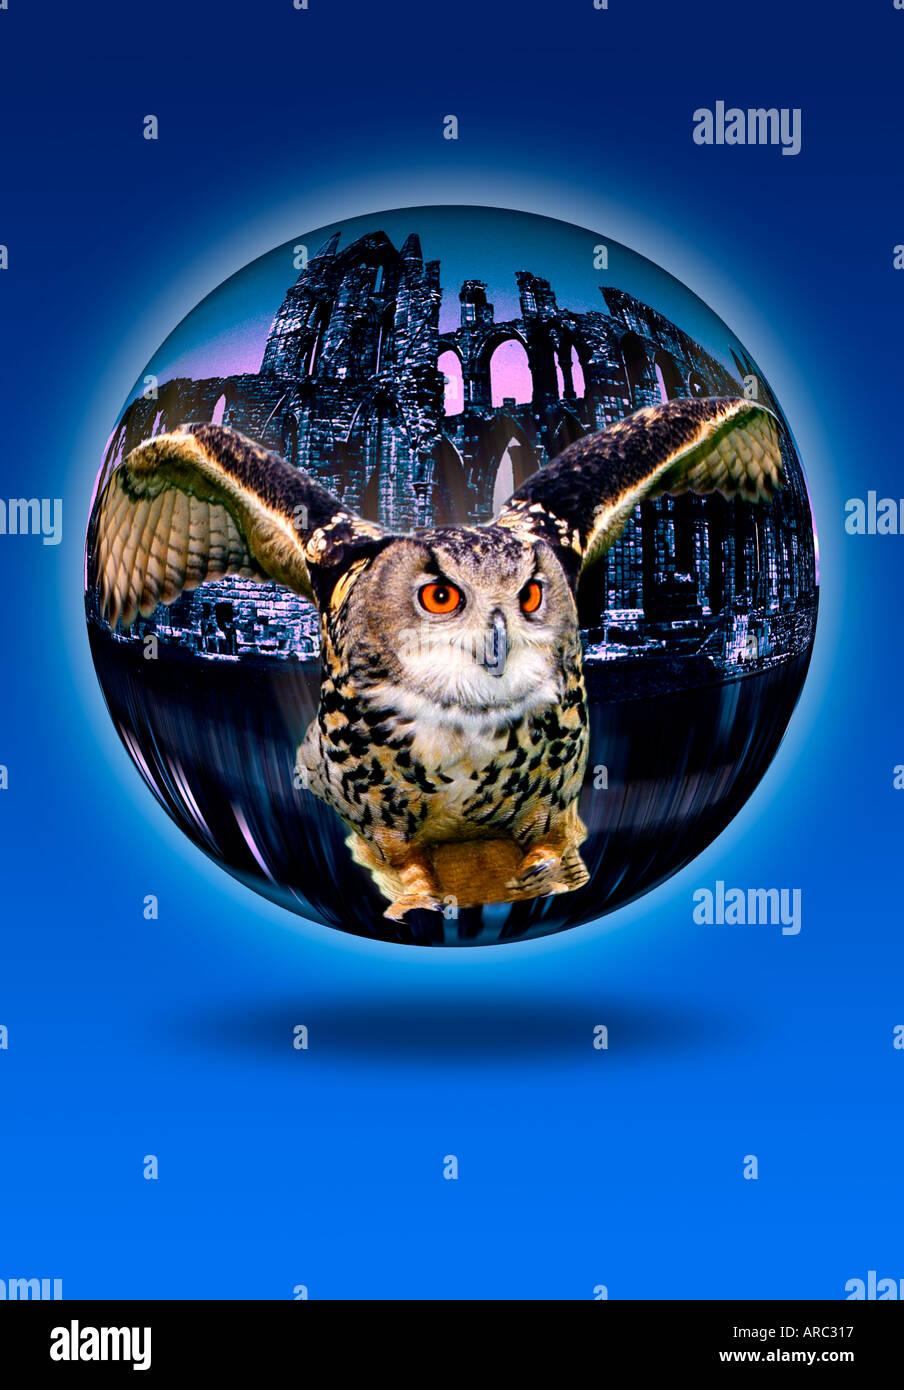 Owl concepto bola de cristal Imagen De Stock